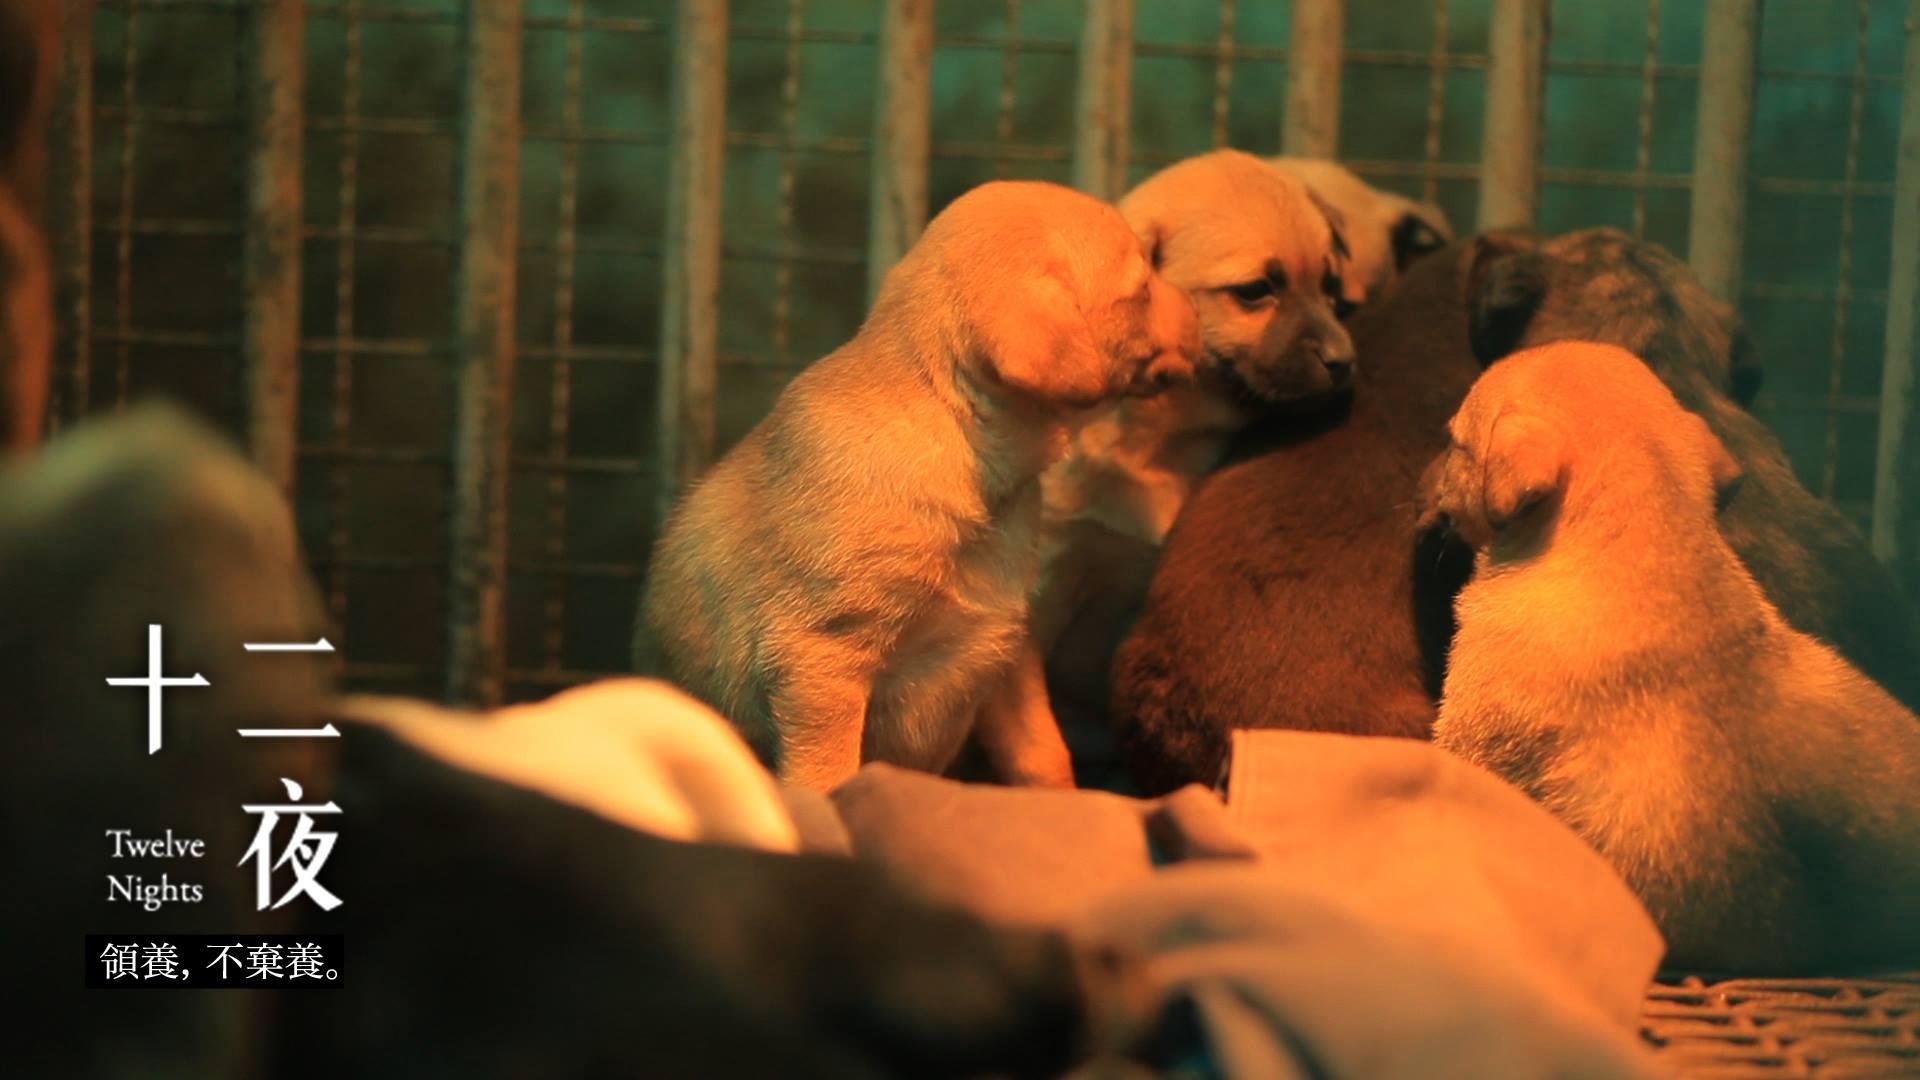 台湾纪录片《十二夜》中,若无人领养就要被安乐死的流浪狗们